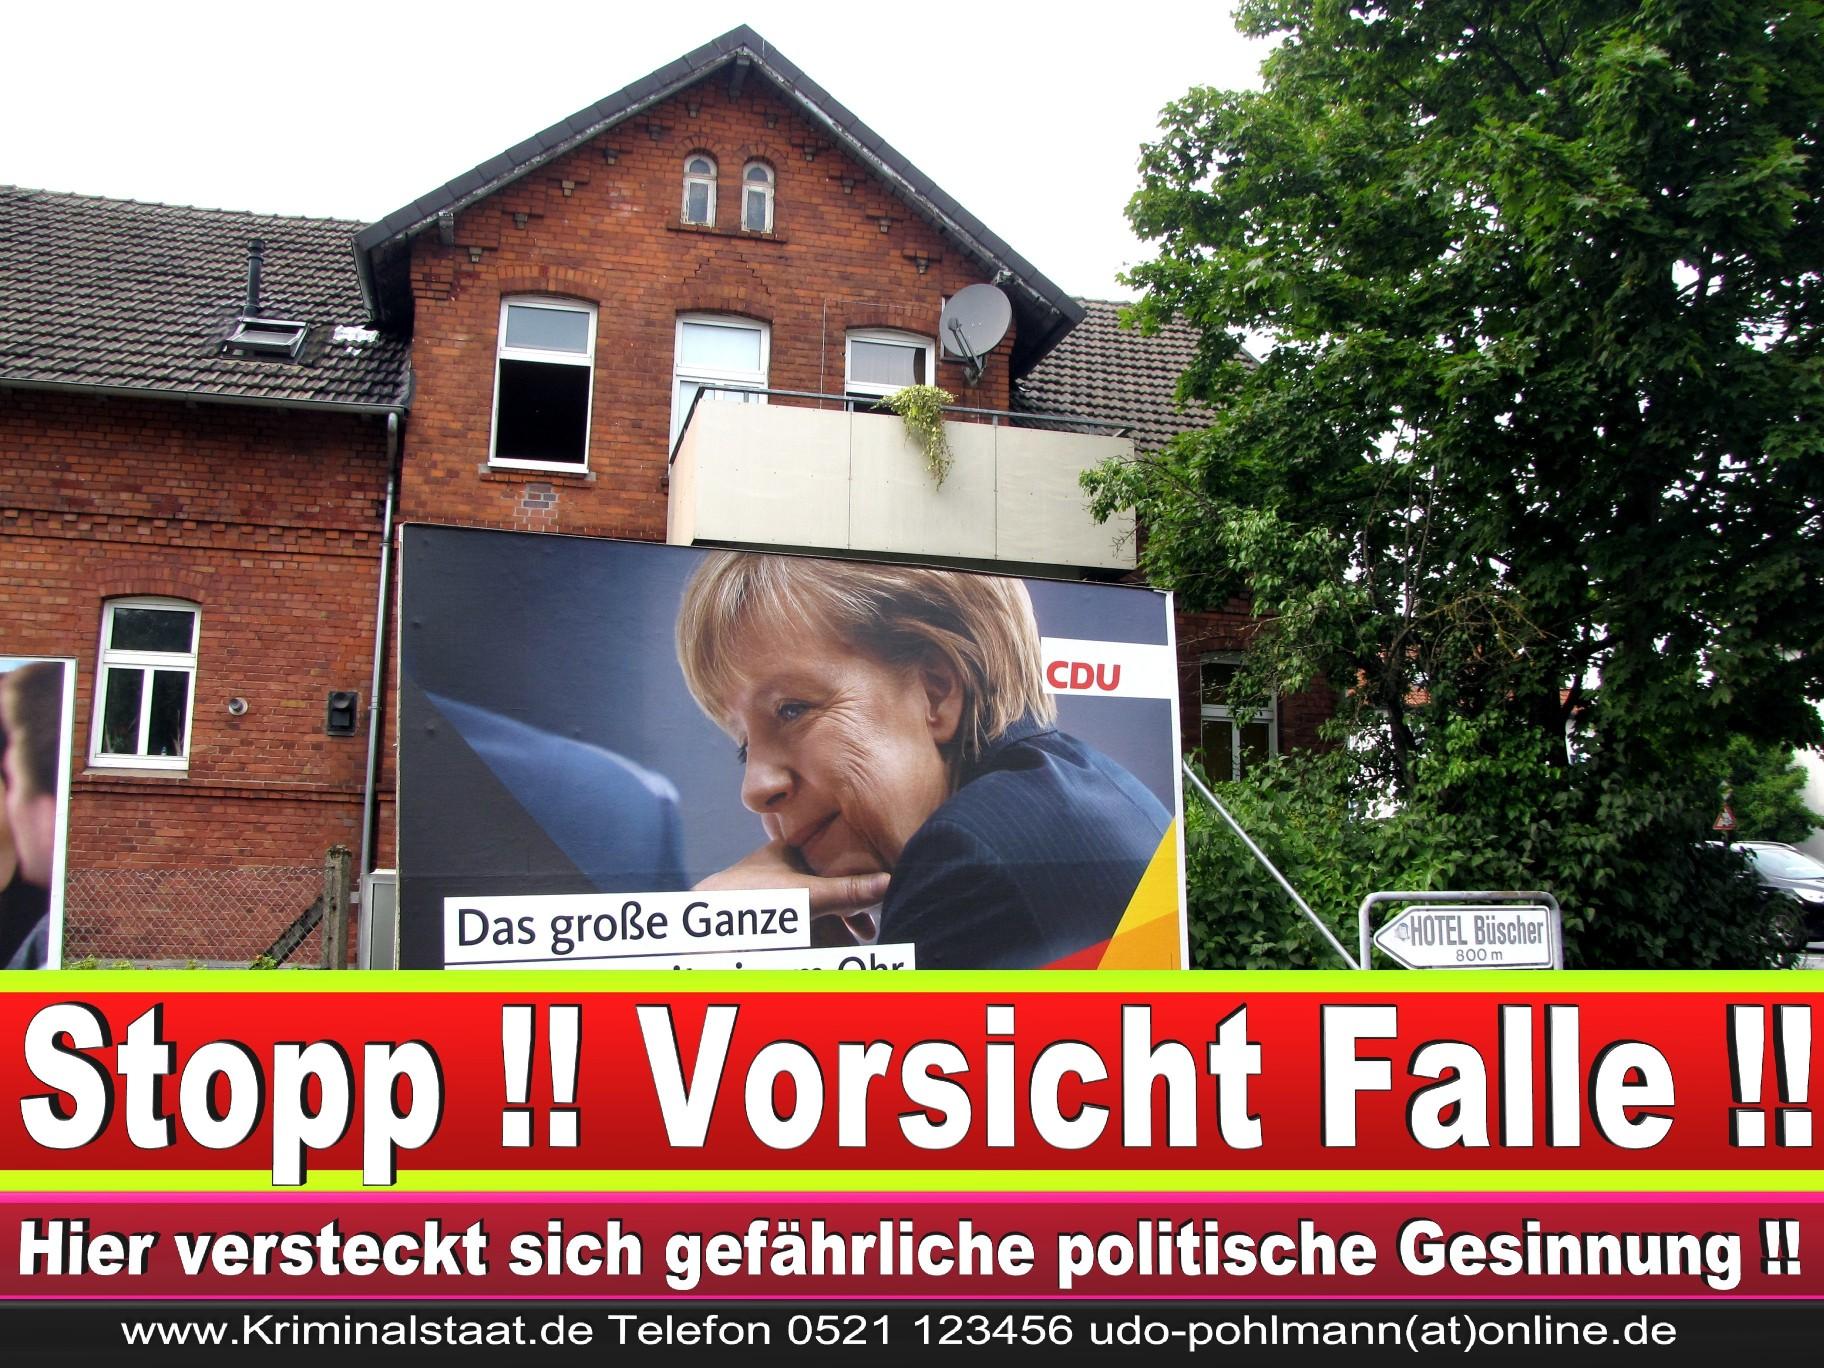 Wahlwerbung Wahlplakate Landtagswahl 2019 Europawahl CDU SPD FDP 2021 (80)